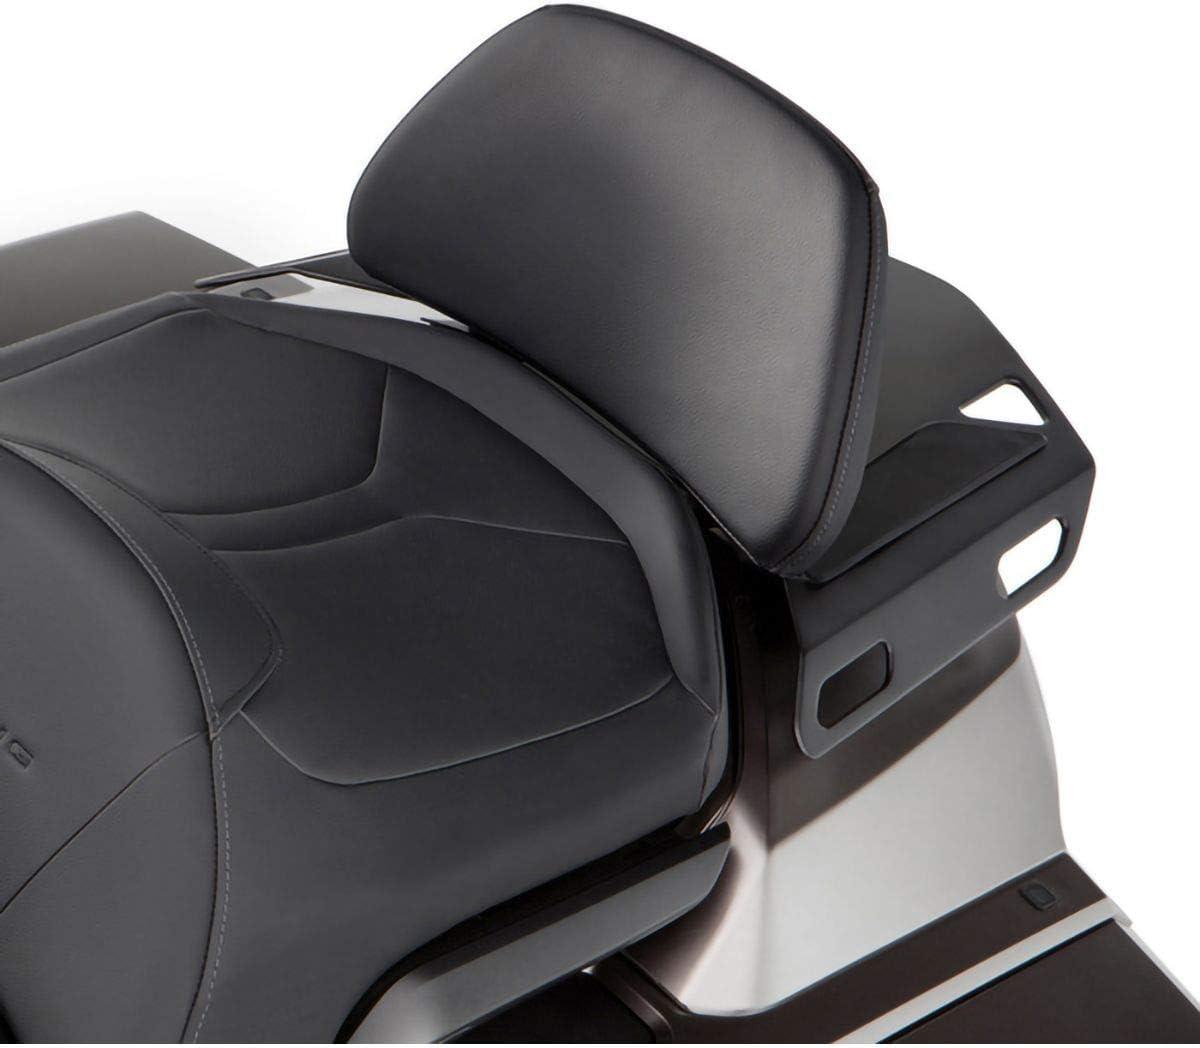 For Honda Goldwing GL1800 2018-2019 Motorcycle Passenger Backrest Rear Backrest Kit